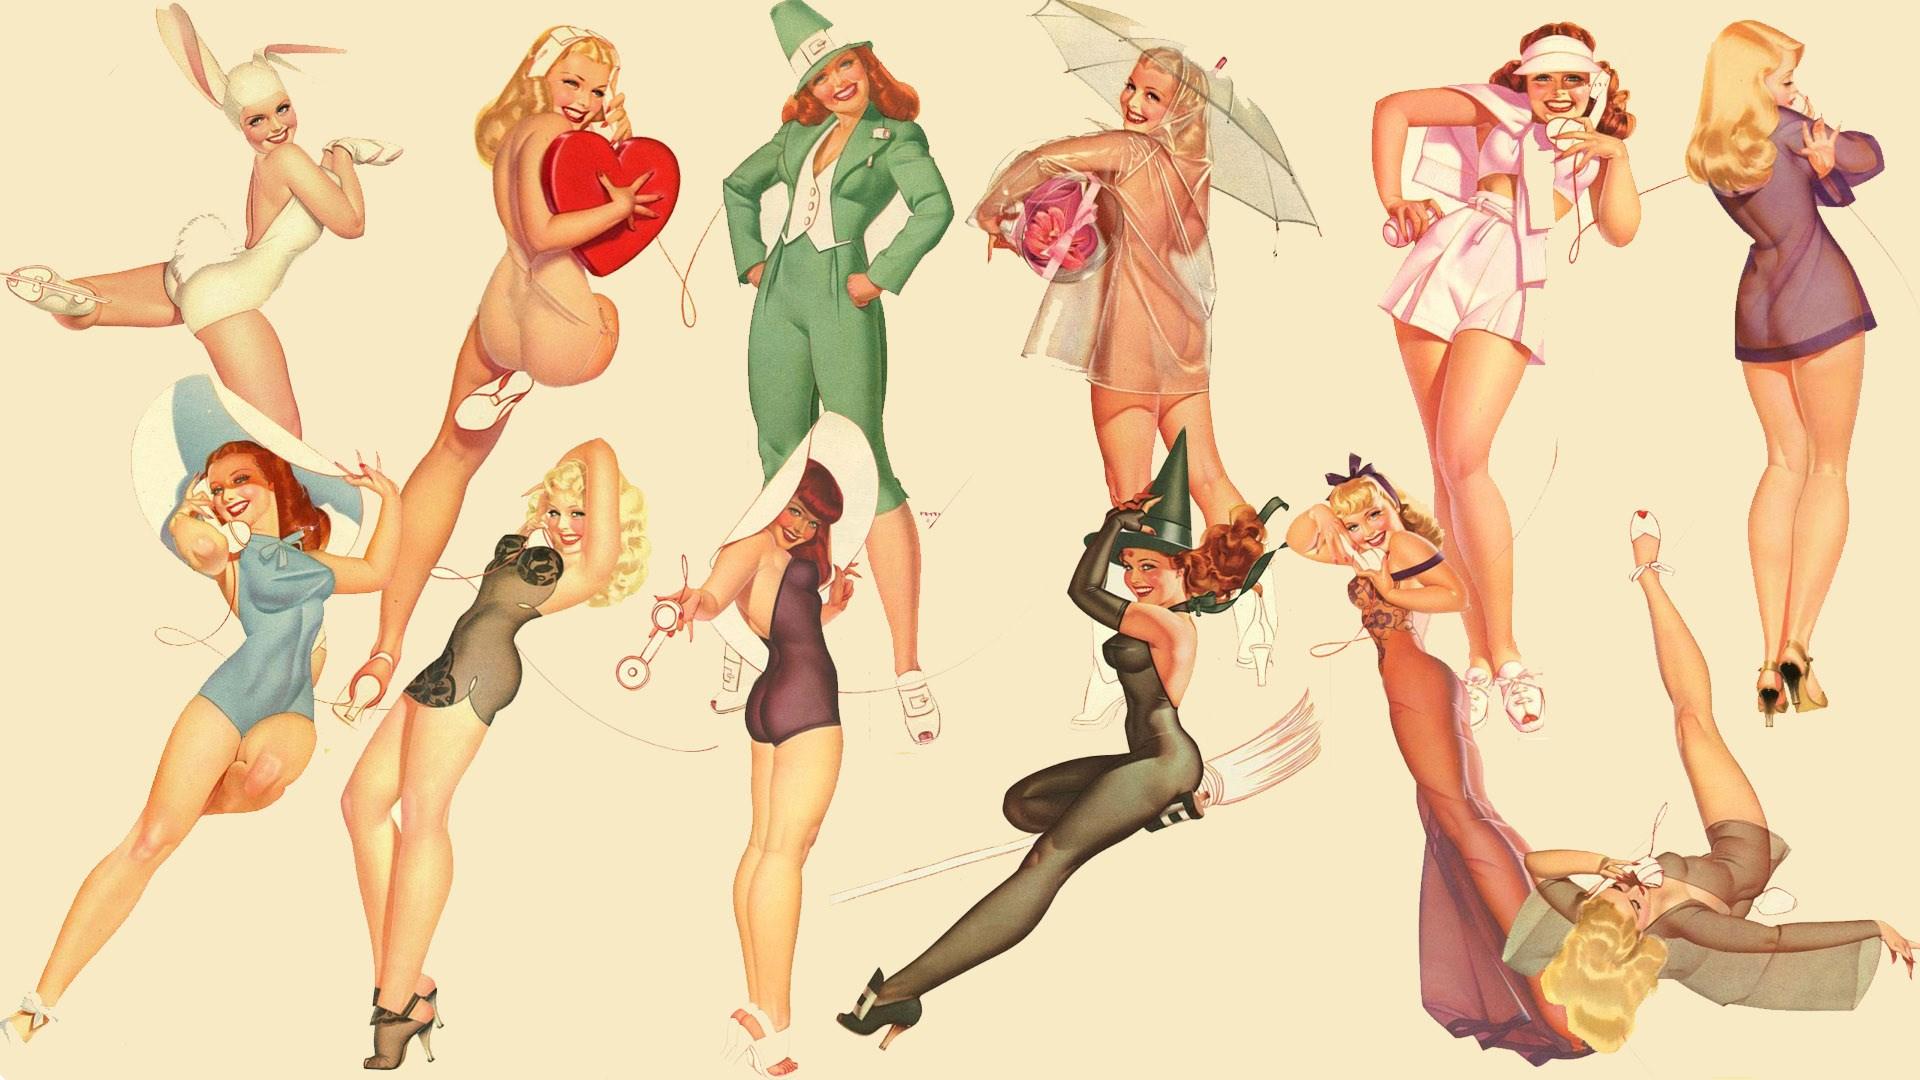 Hd Wallpaper Pinup Girls 2164265 Hd Wallpaper Backgrounds